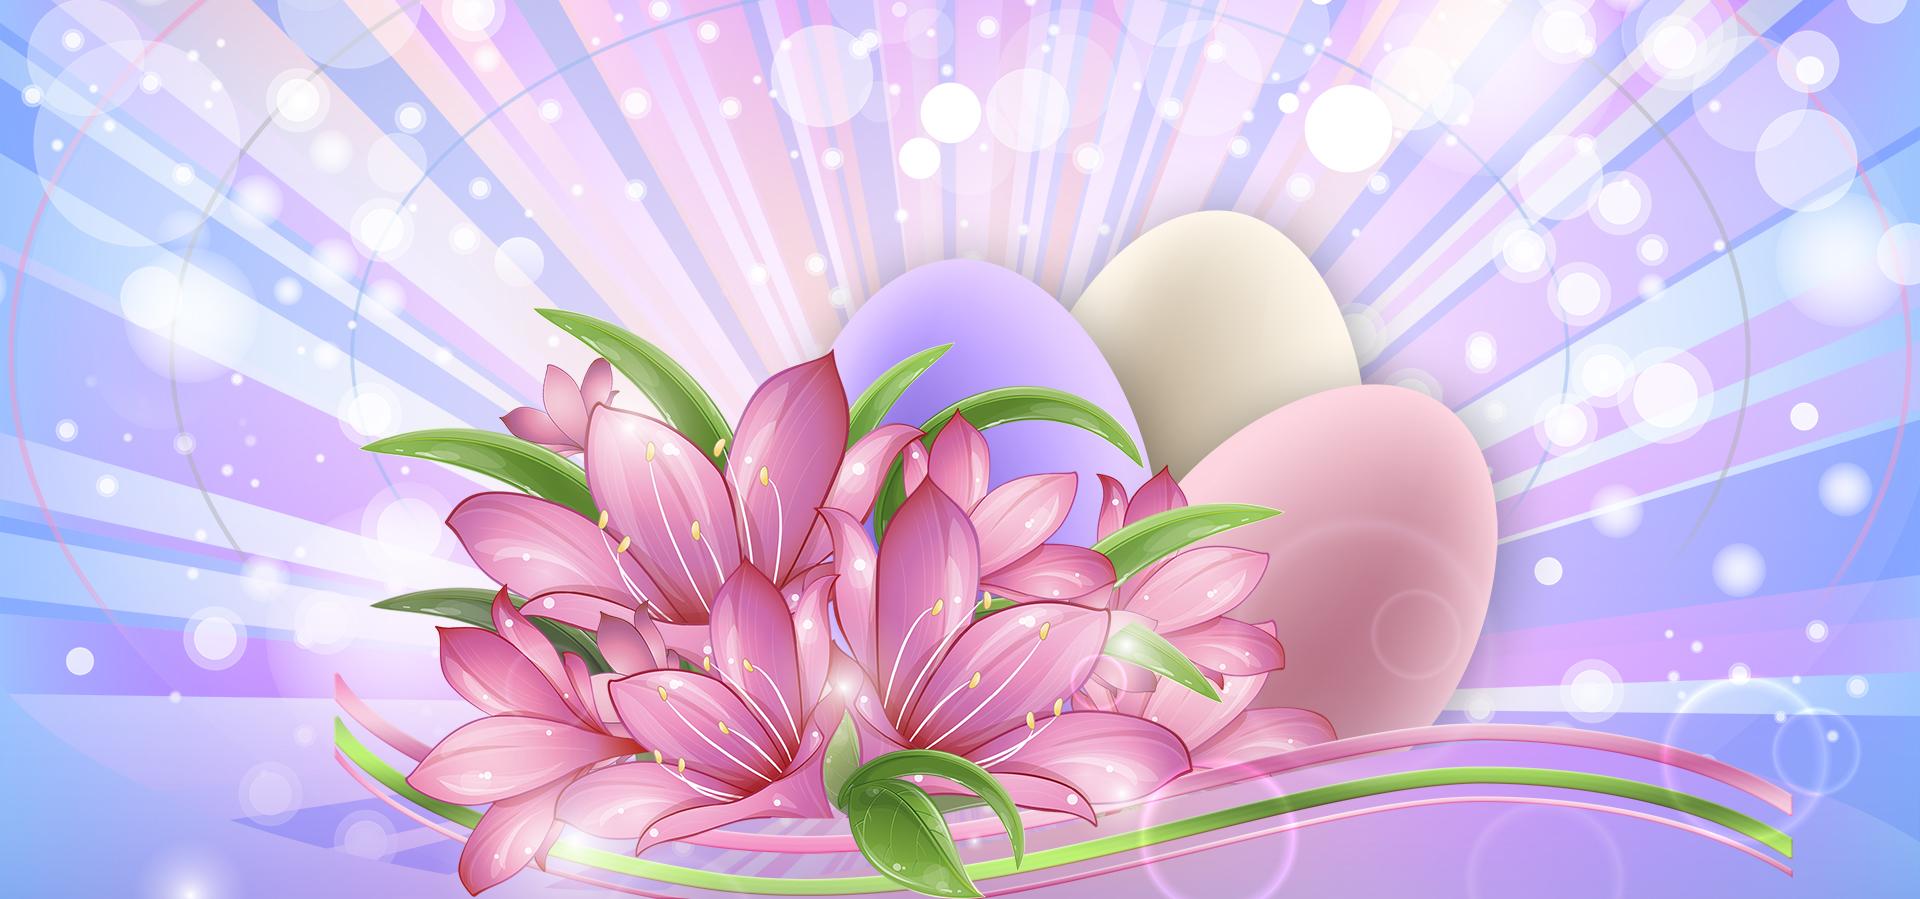 Diseño Arte Patrón Fondos De Pantalla Antecedentes: Pink Diseño Patrón Arte Antecedentes Fondos De Pantalla